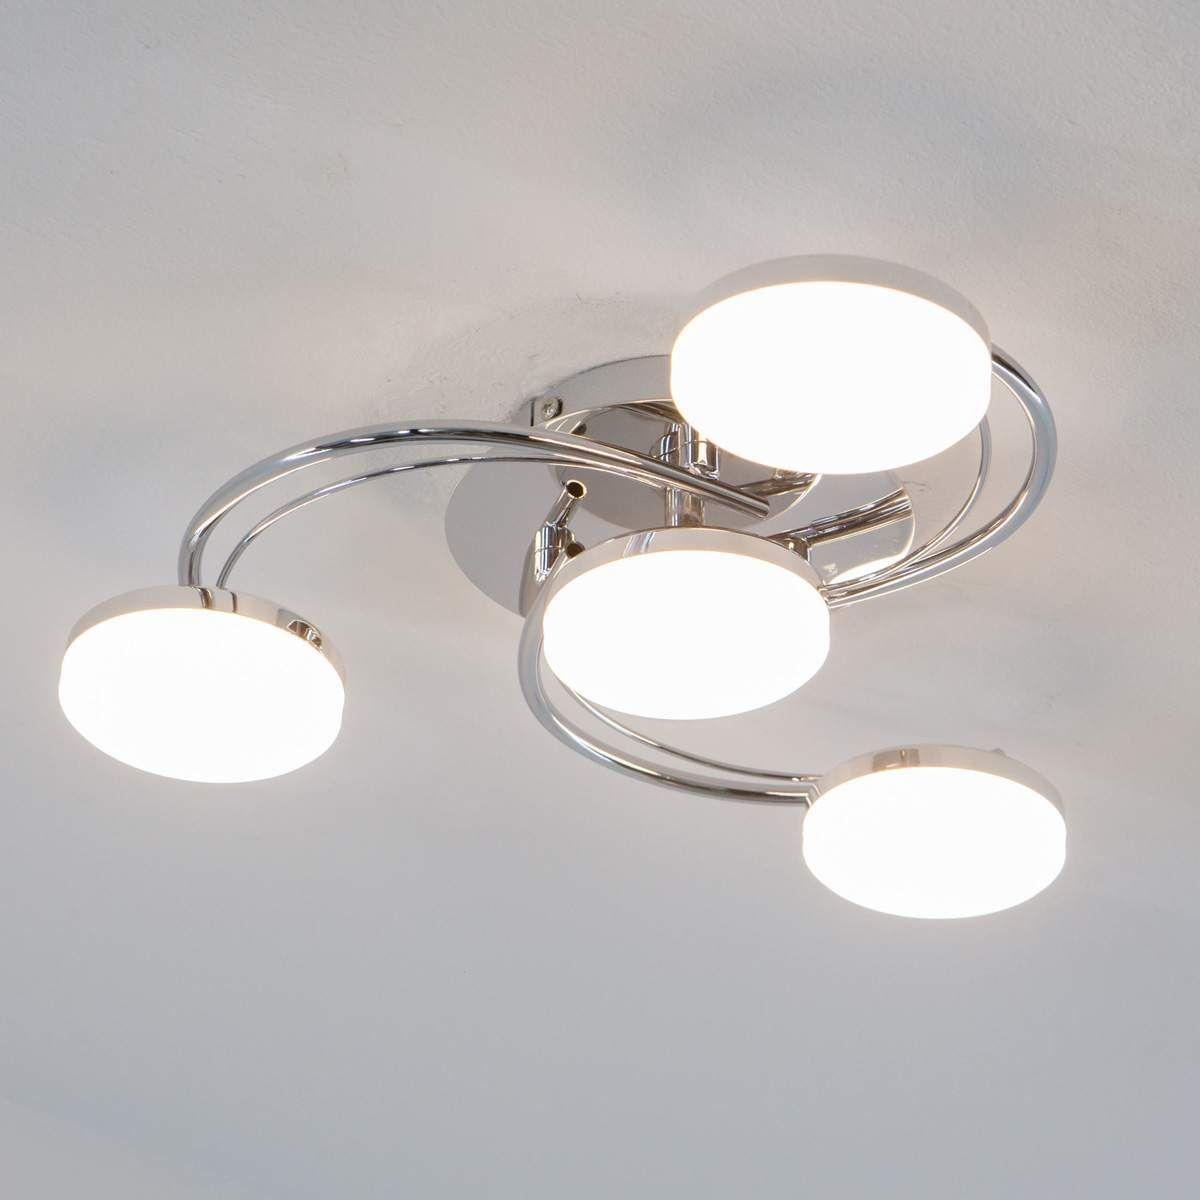 led deckenbeleuchtung wohnzimmer  deckenleuchten wohnzimmer led